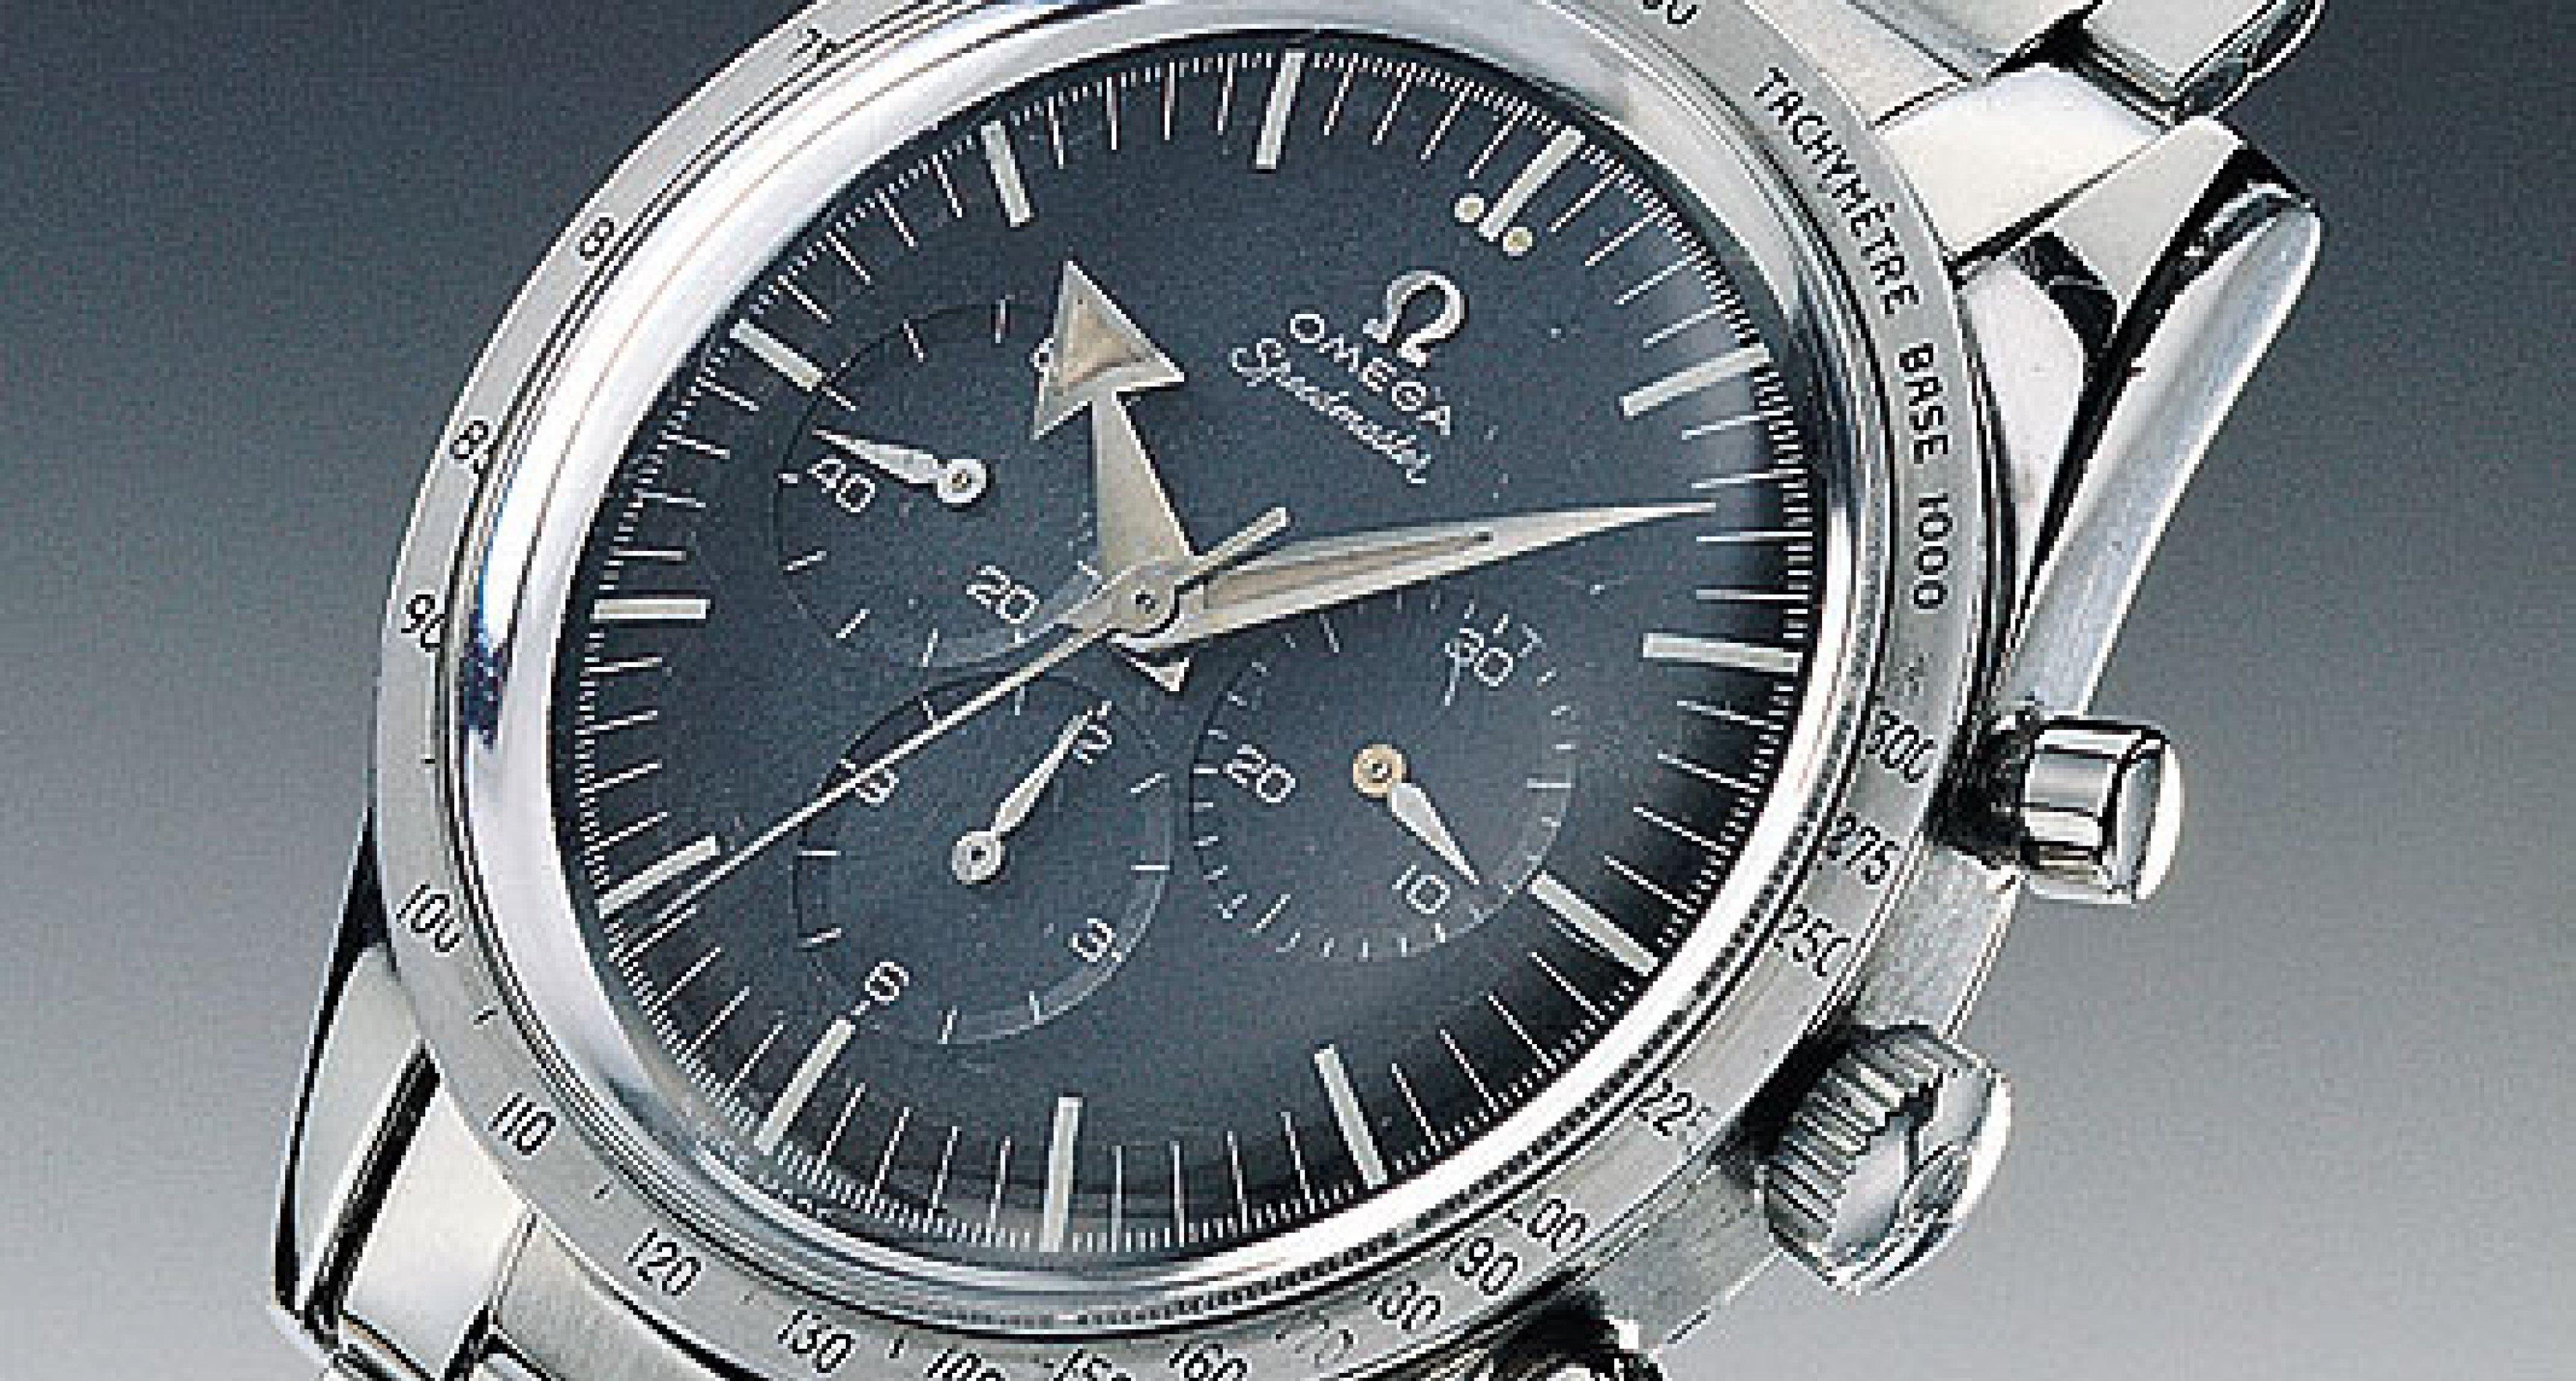 Ikonen der Uhrengeschichte No. 12: Omega Speedmaster Professional